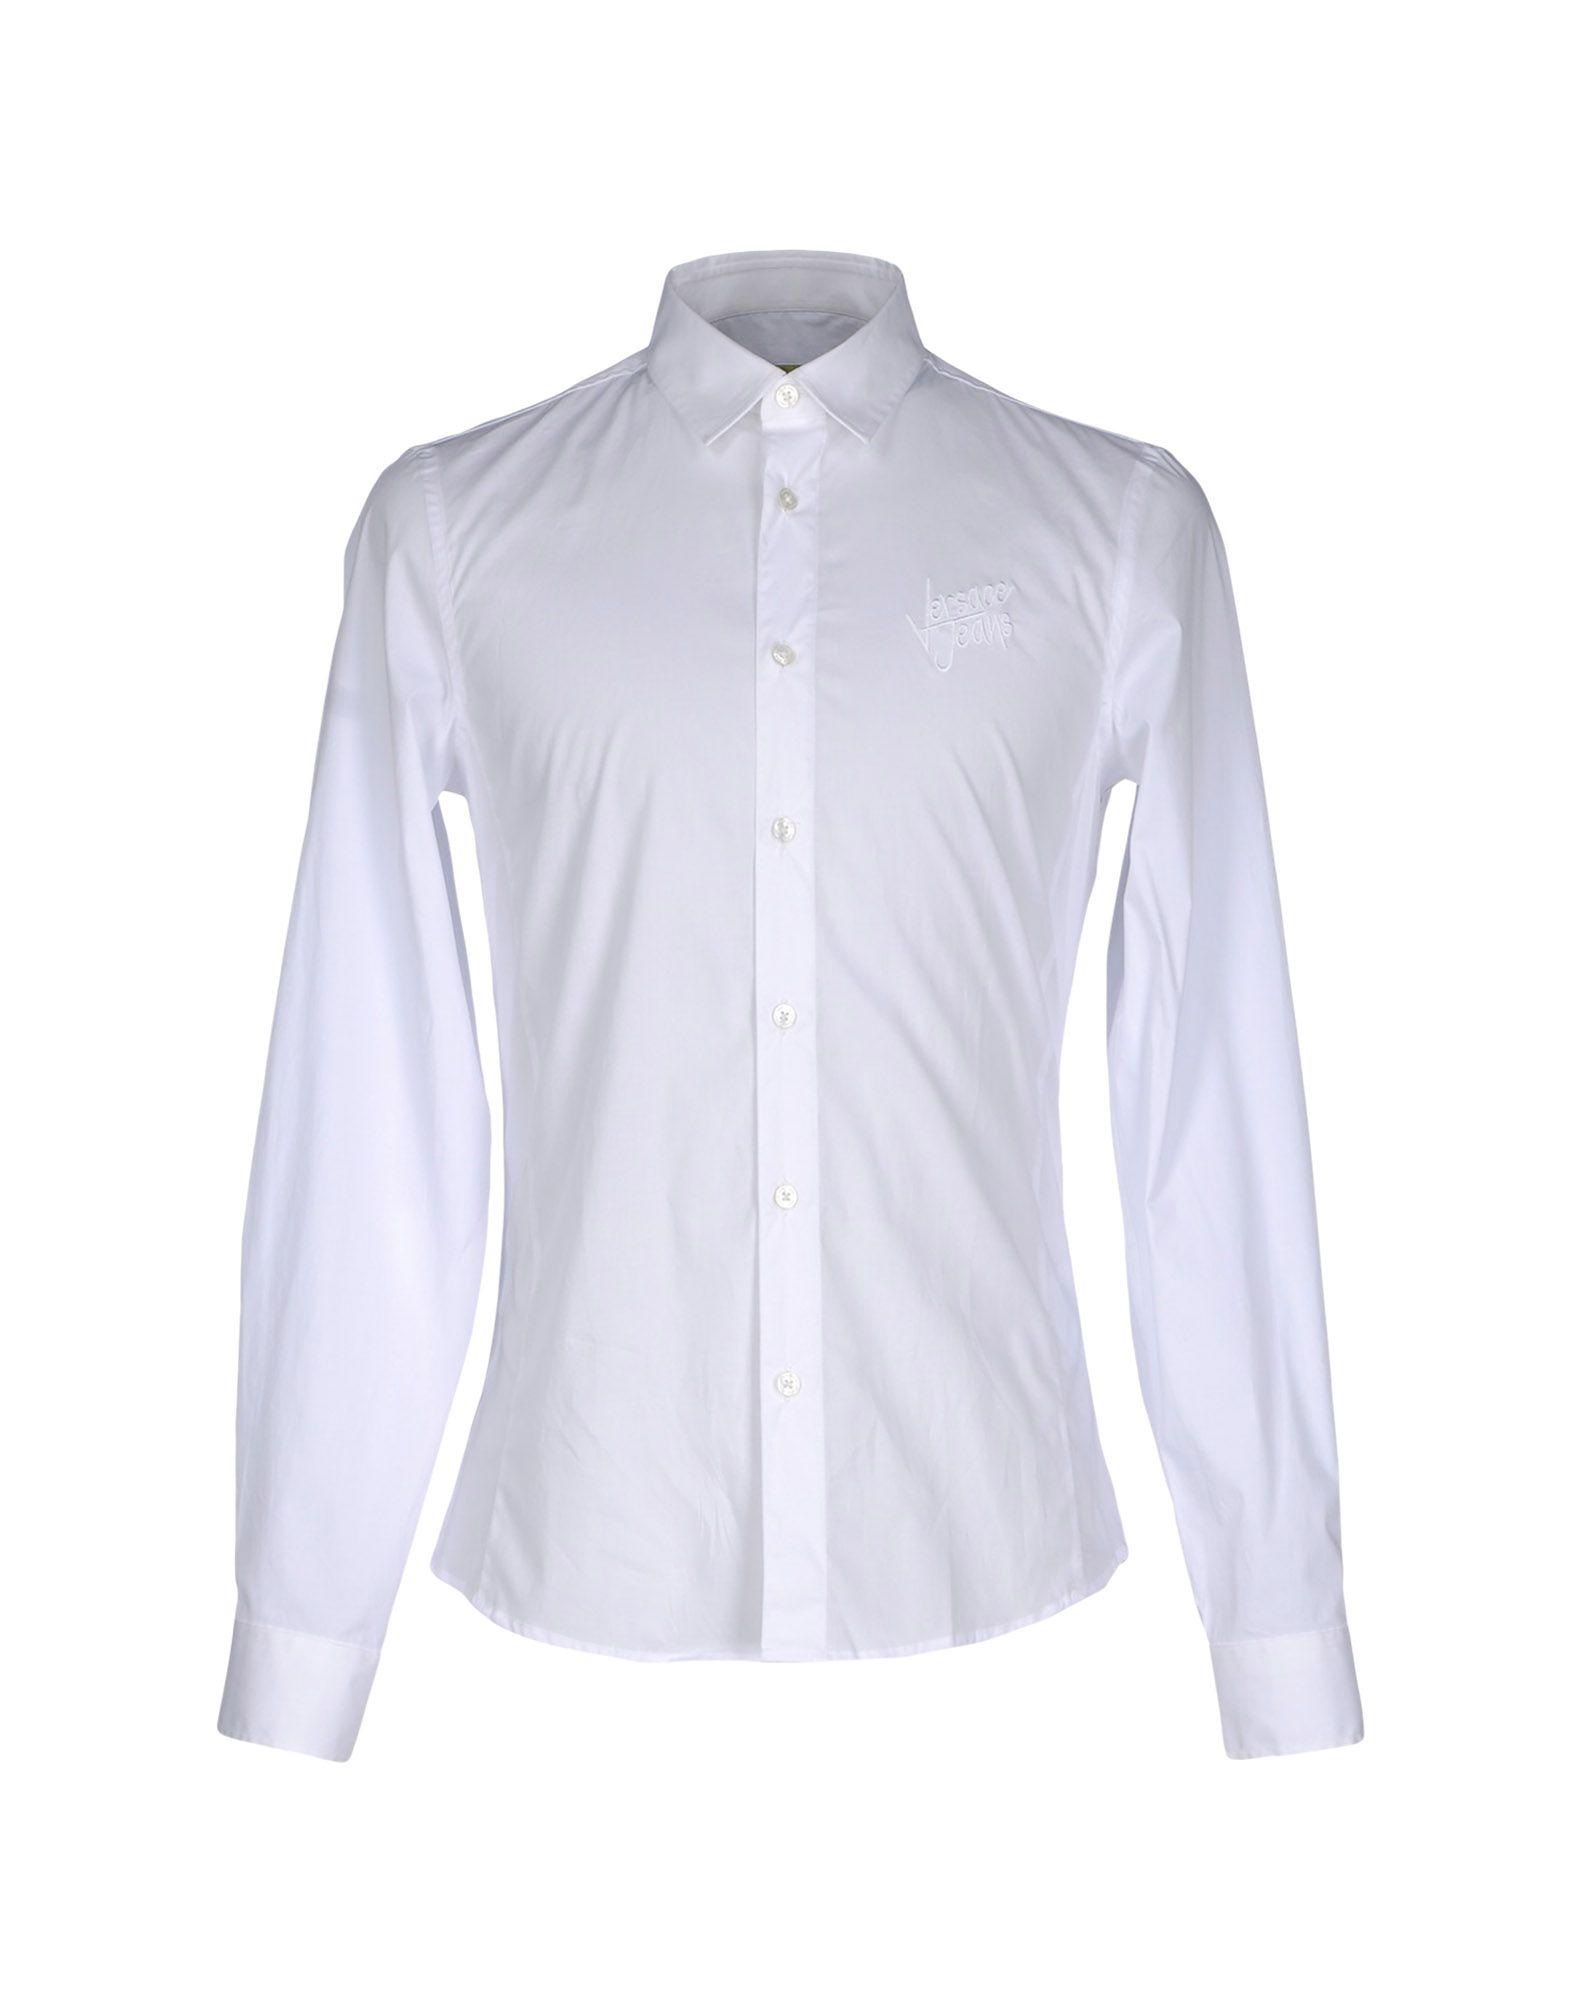 VERSACE JEANS Herren Hemd Farbe Weiß Größe 5